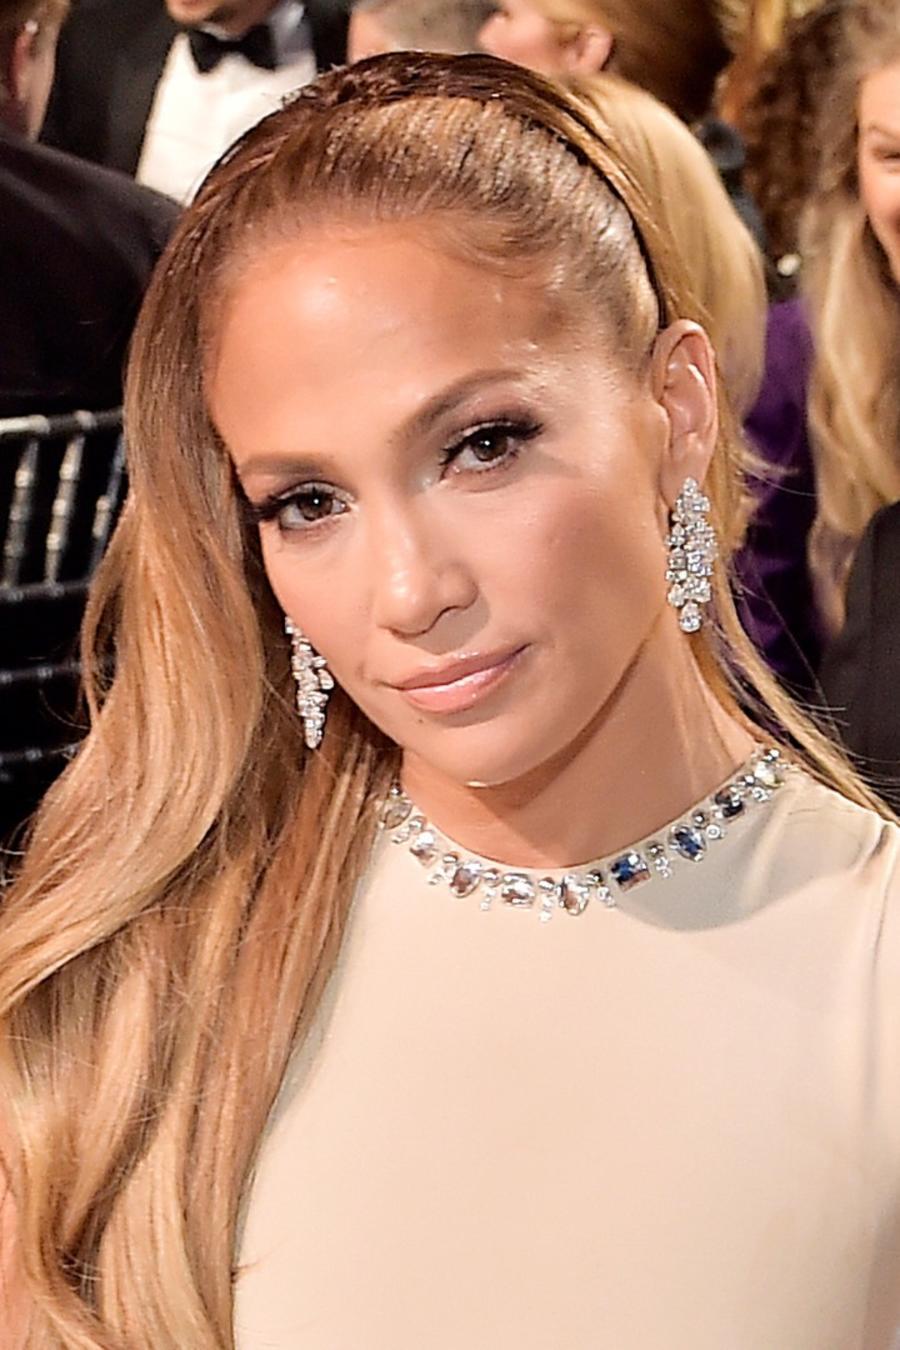 Jennifer Lopez at award show